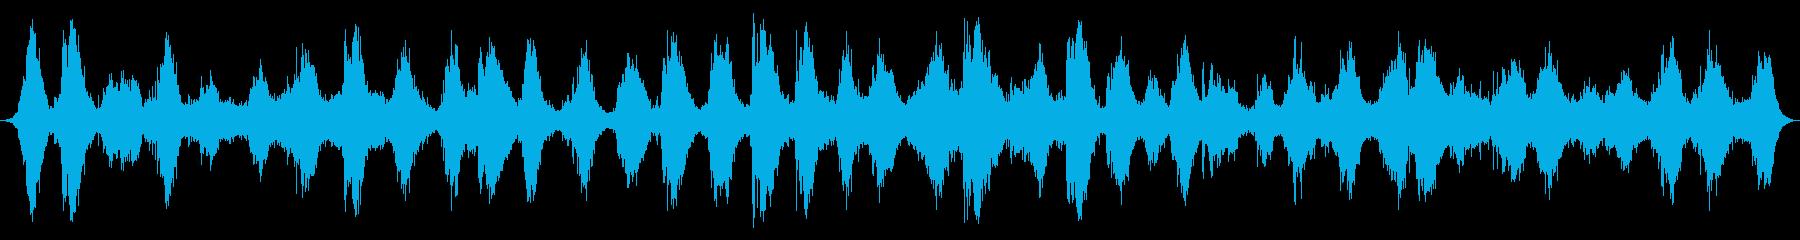 海洋:重い波と速い波の再生済みの波形